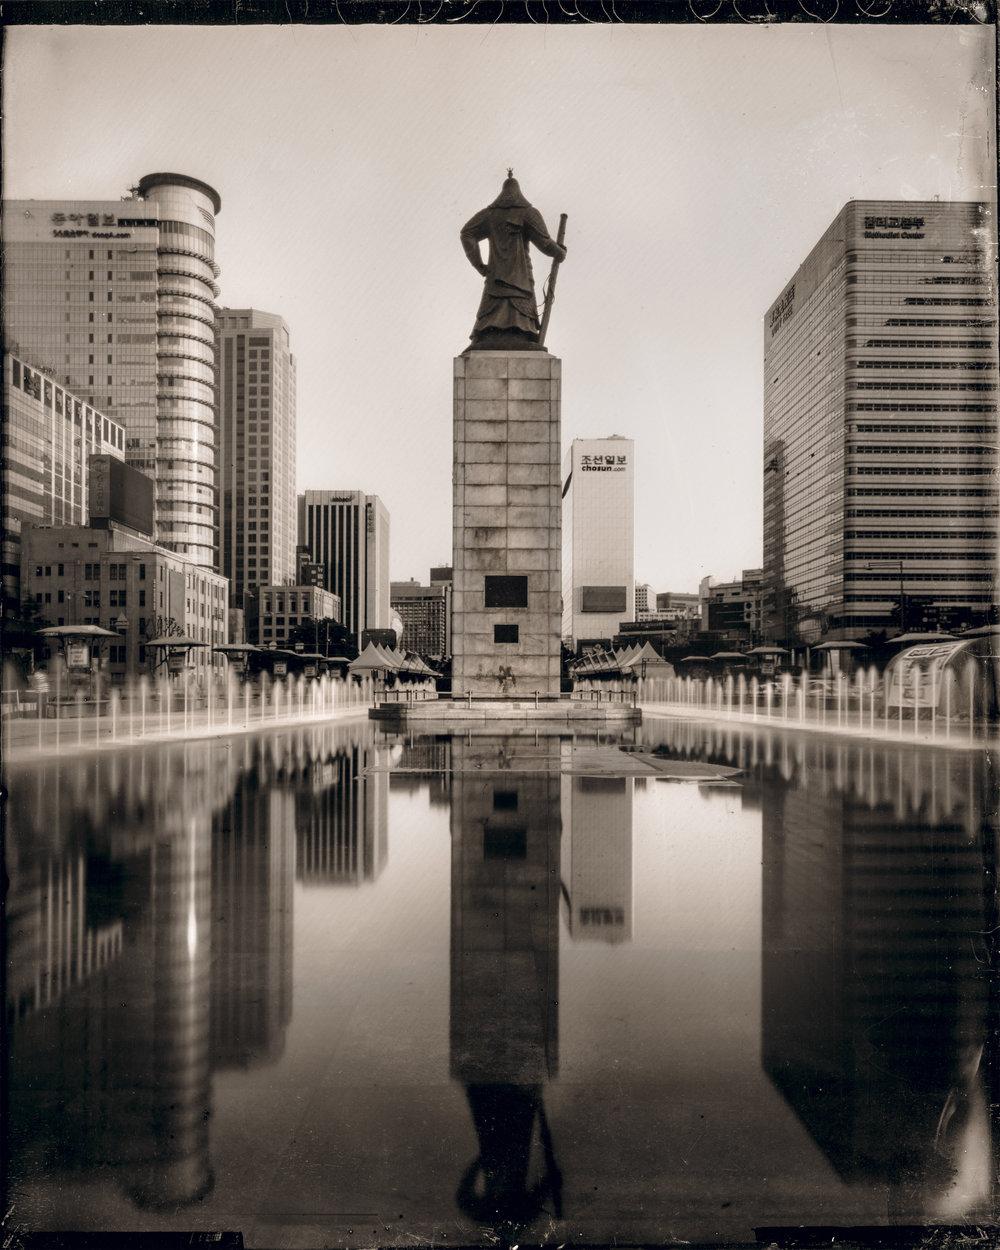 韓国-ソウル-光化門広場-李舜臣像  대한민국-서울-광화문광장-이순신 등상  South Korea-Seoul-Gwanghwamun Plaza-Statue of Yi Sun-sin